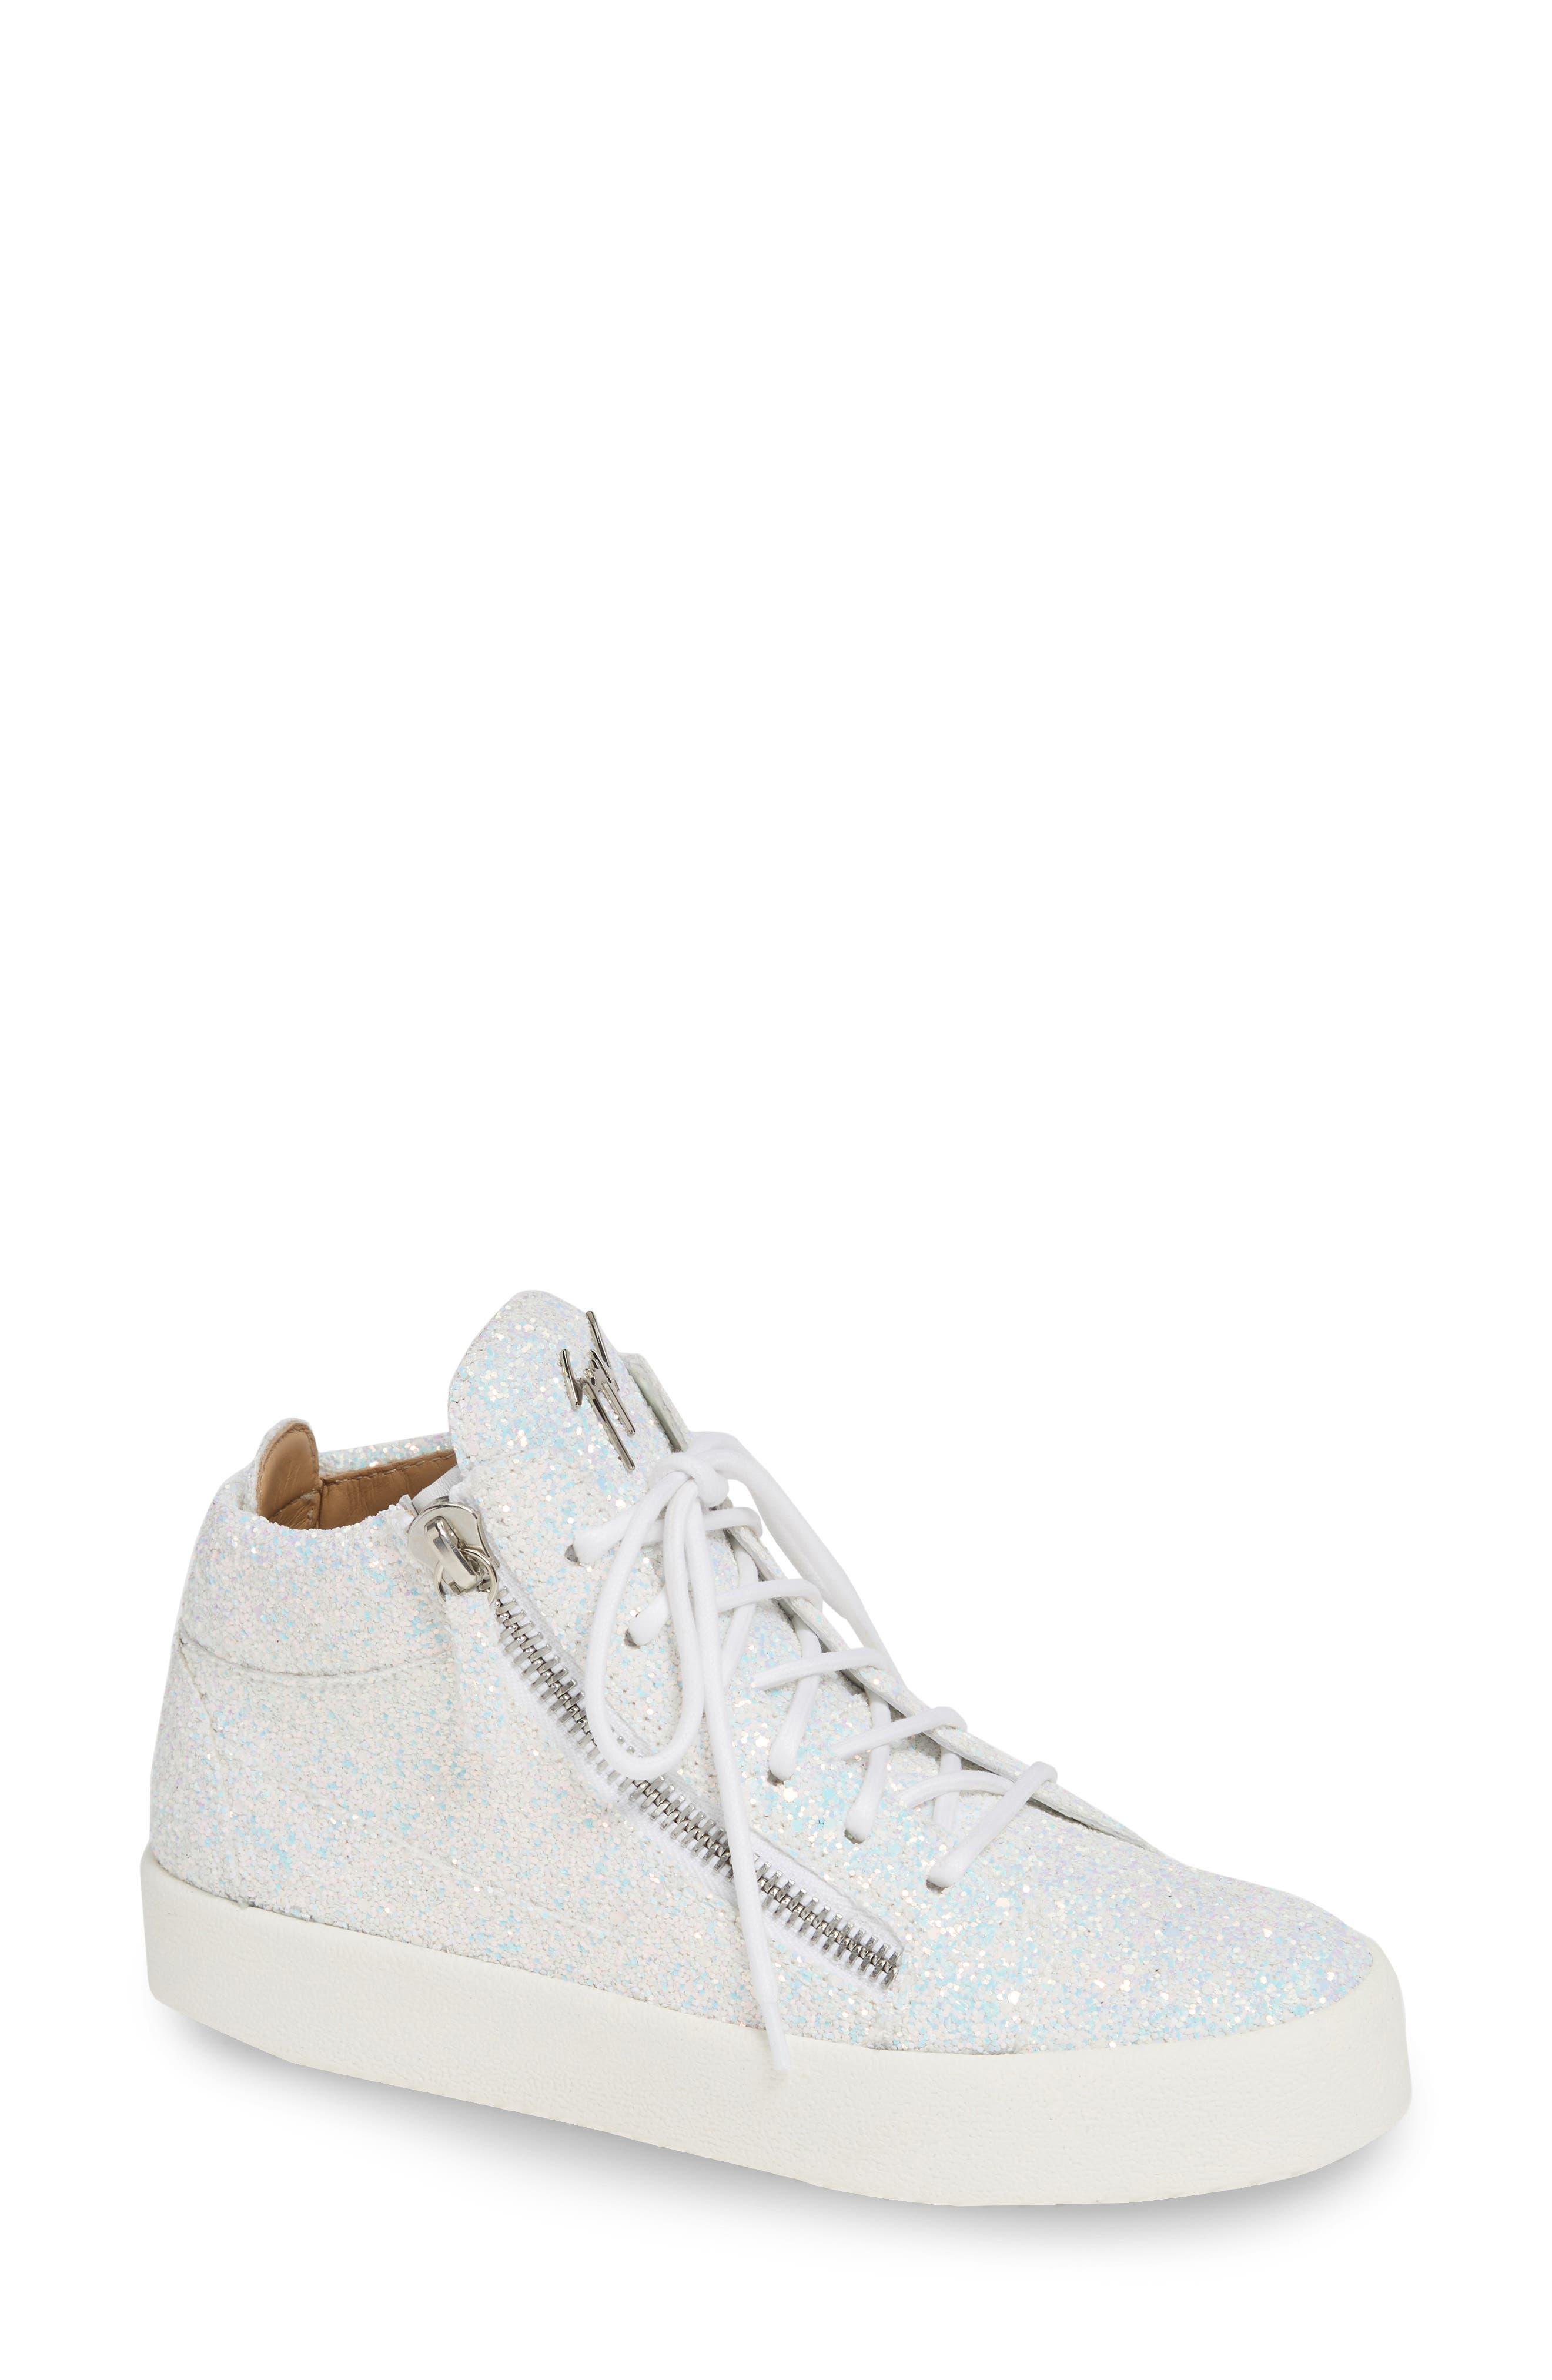 Giuseppe Zanotti Breck Mid Top Sneaker- White a24b72ca5